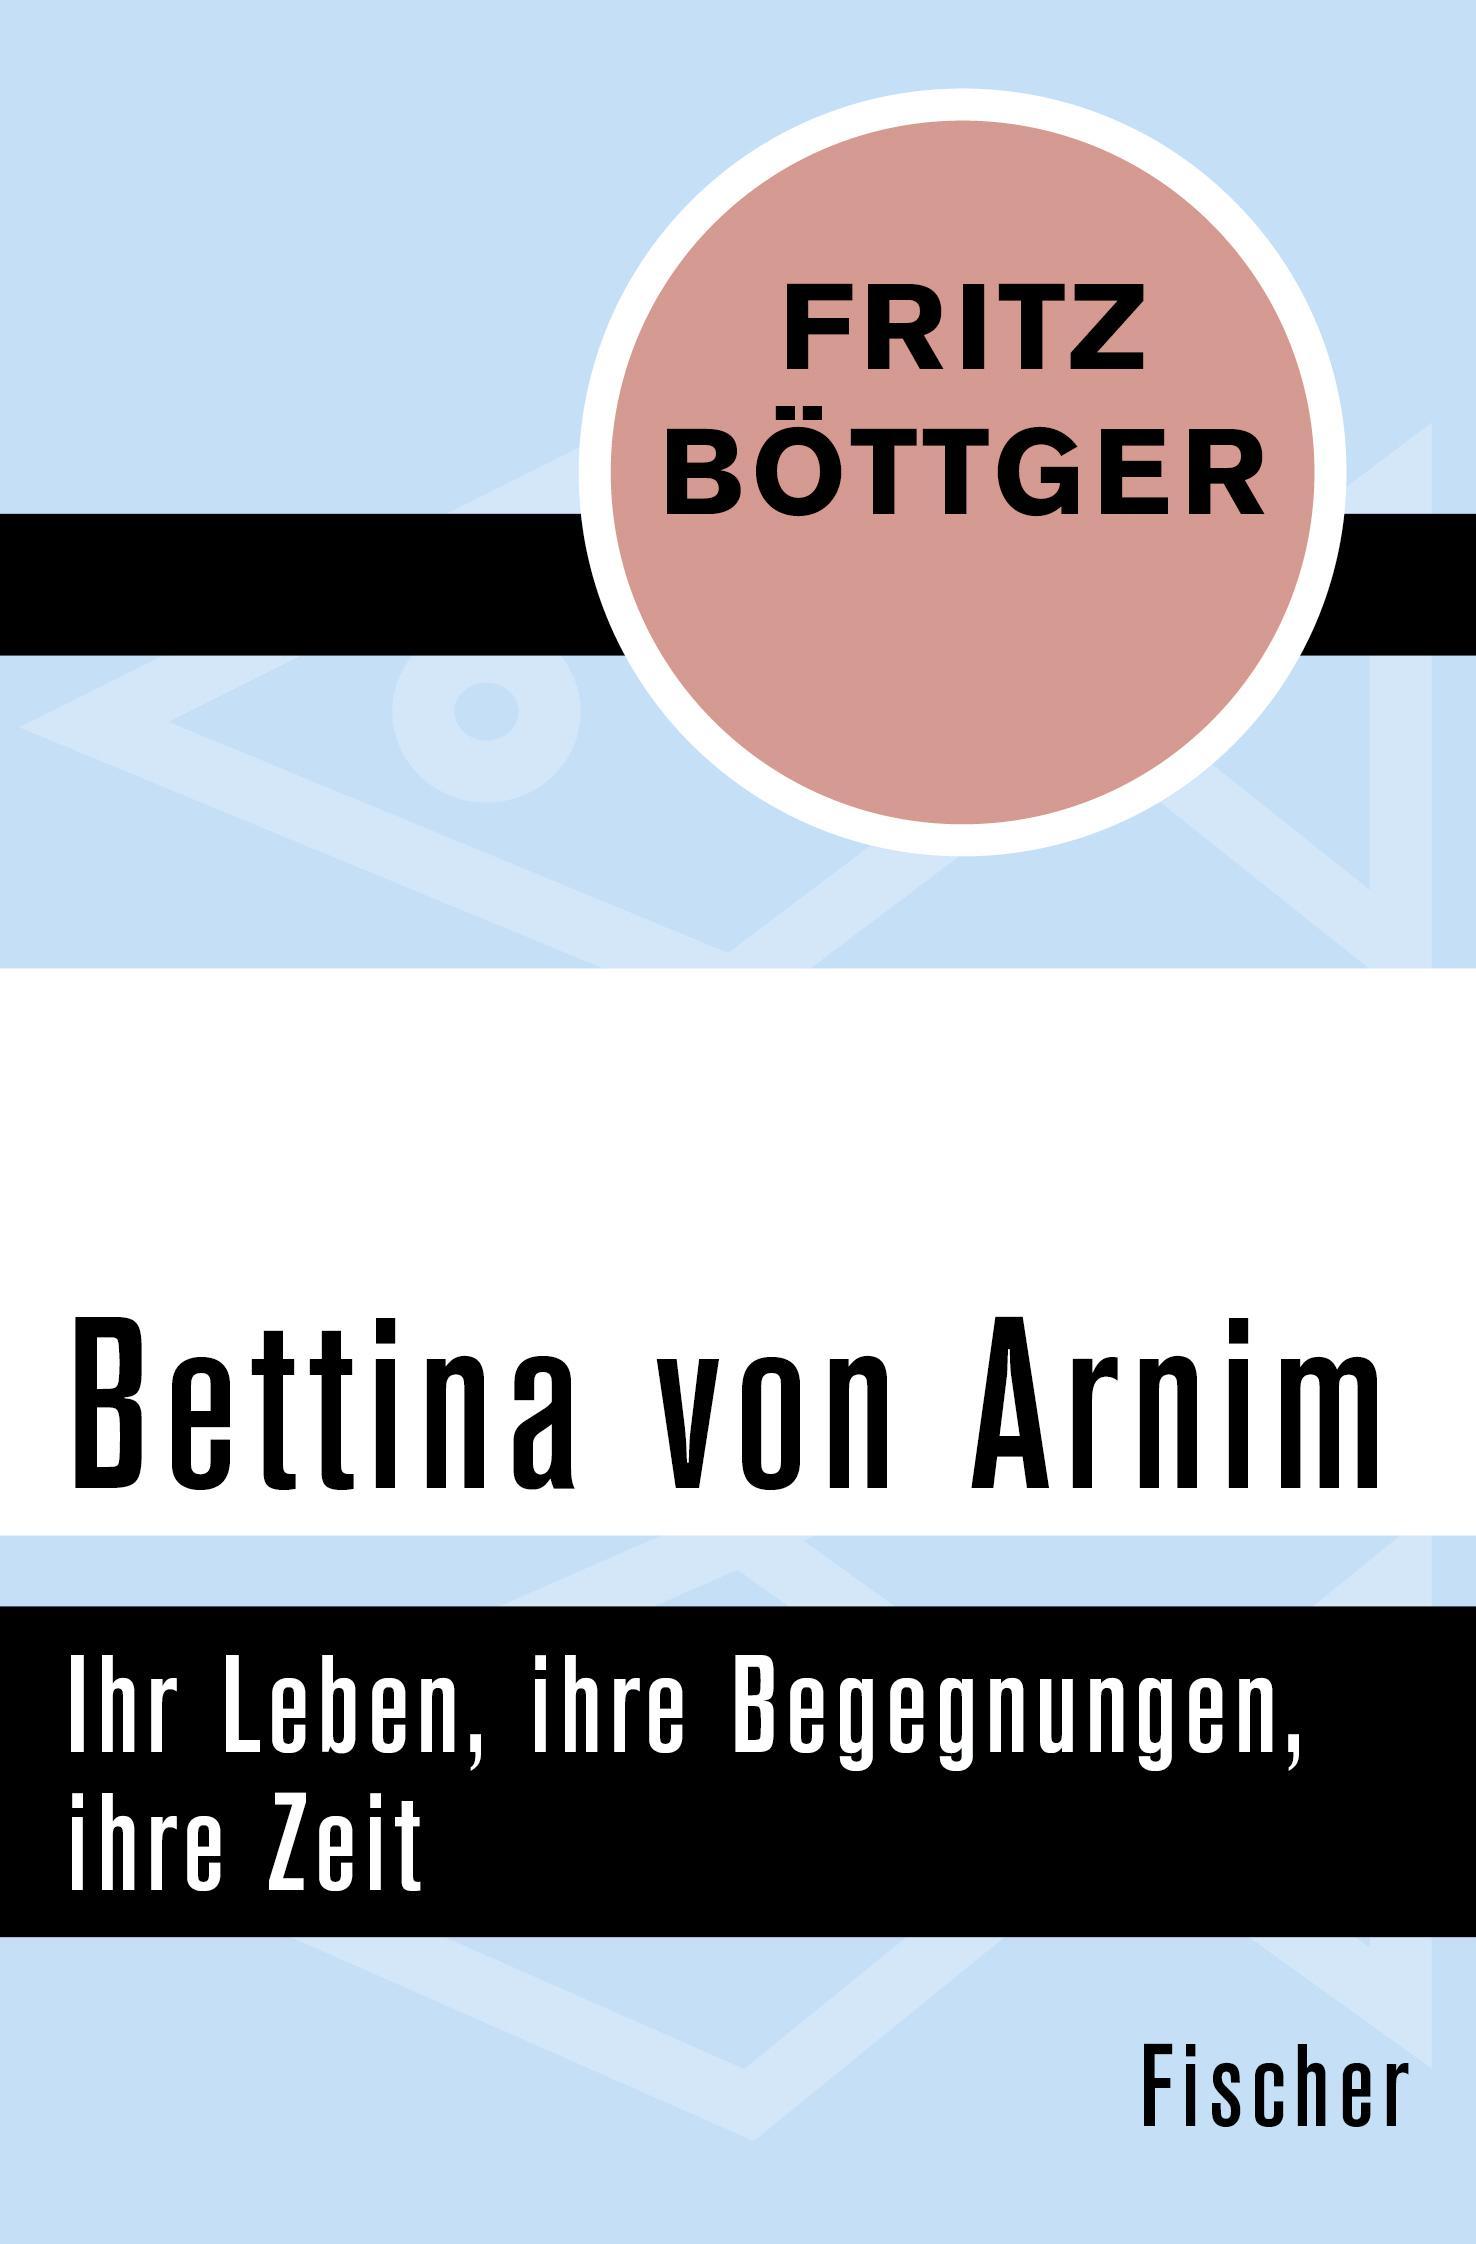 Bettina von Arnim Fritz Böttger